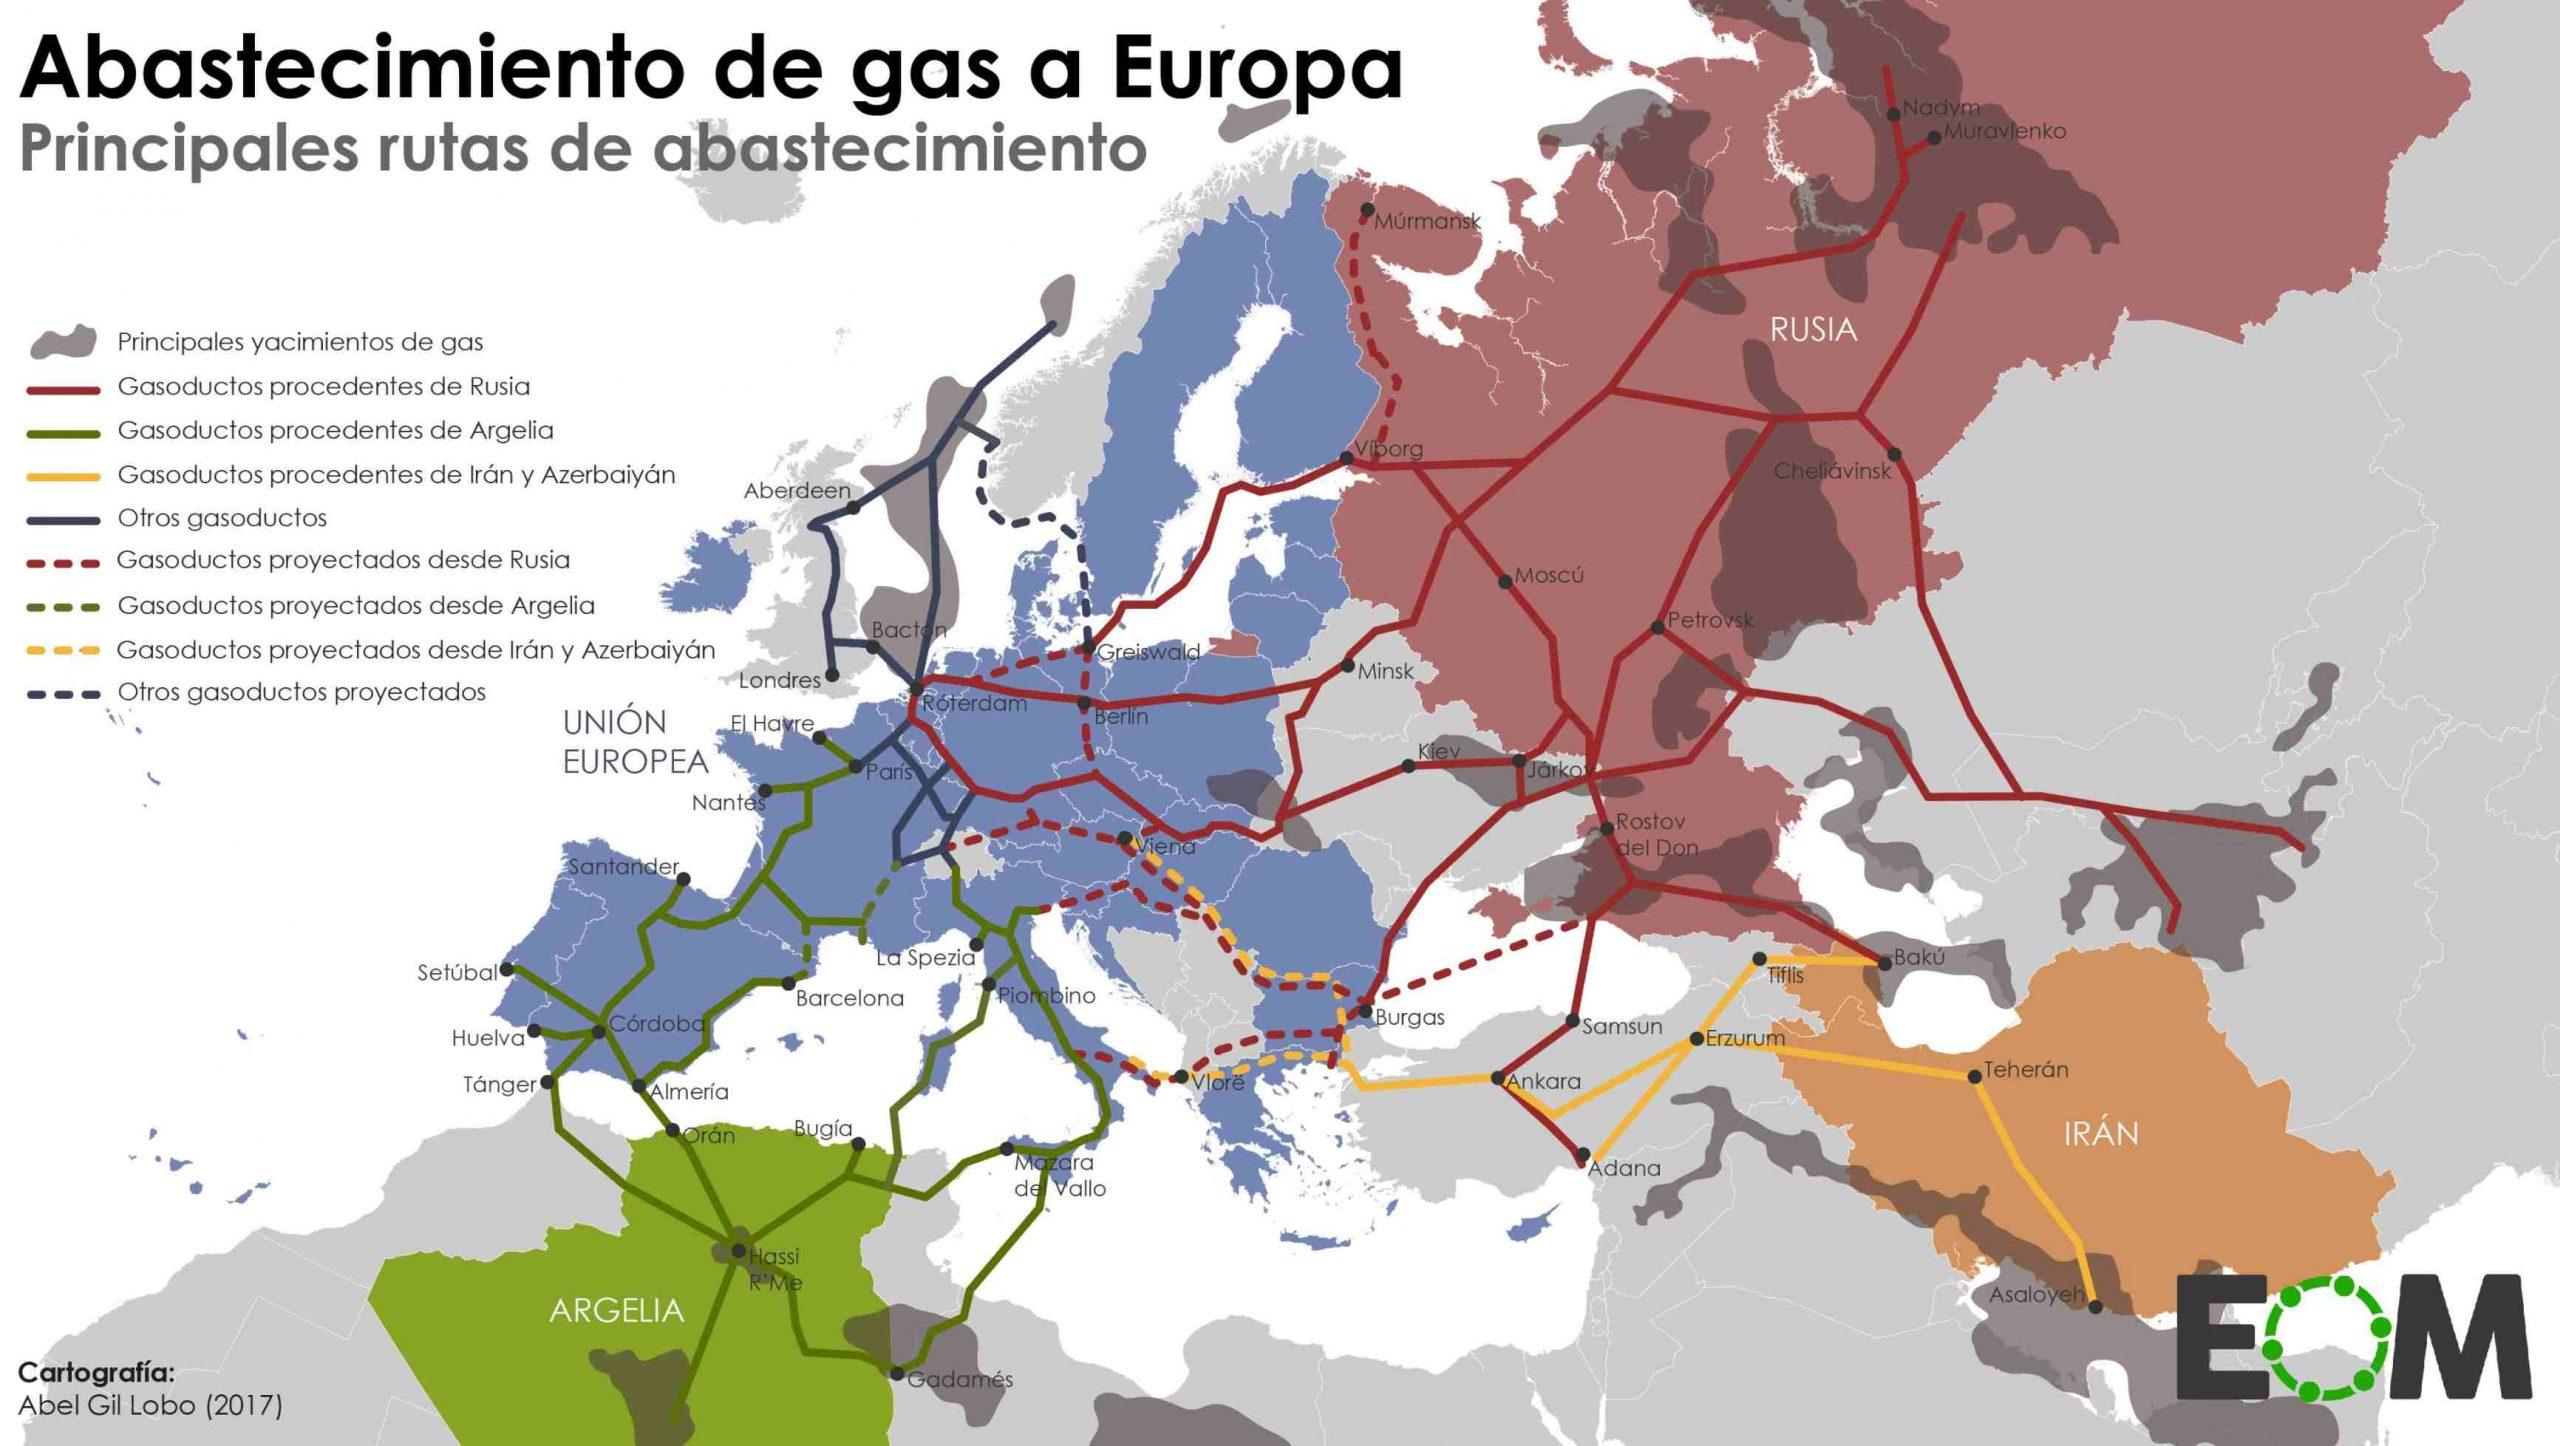 Il prezzo del gas si abbasserà sensibilmente, la Russia fornirà quantitativi eccezionali 2